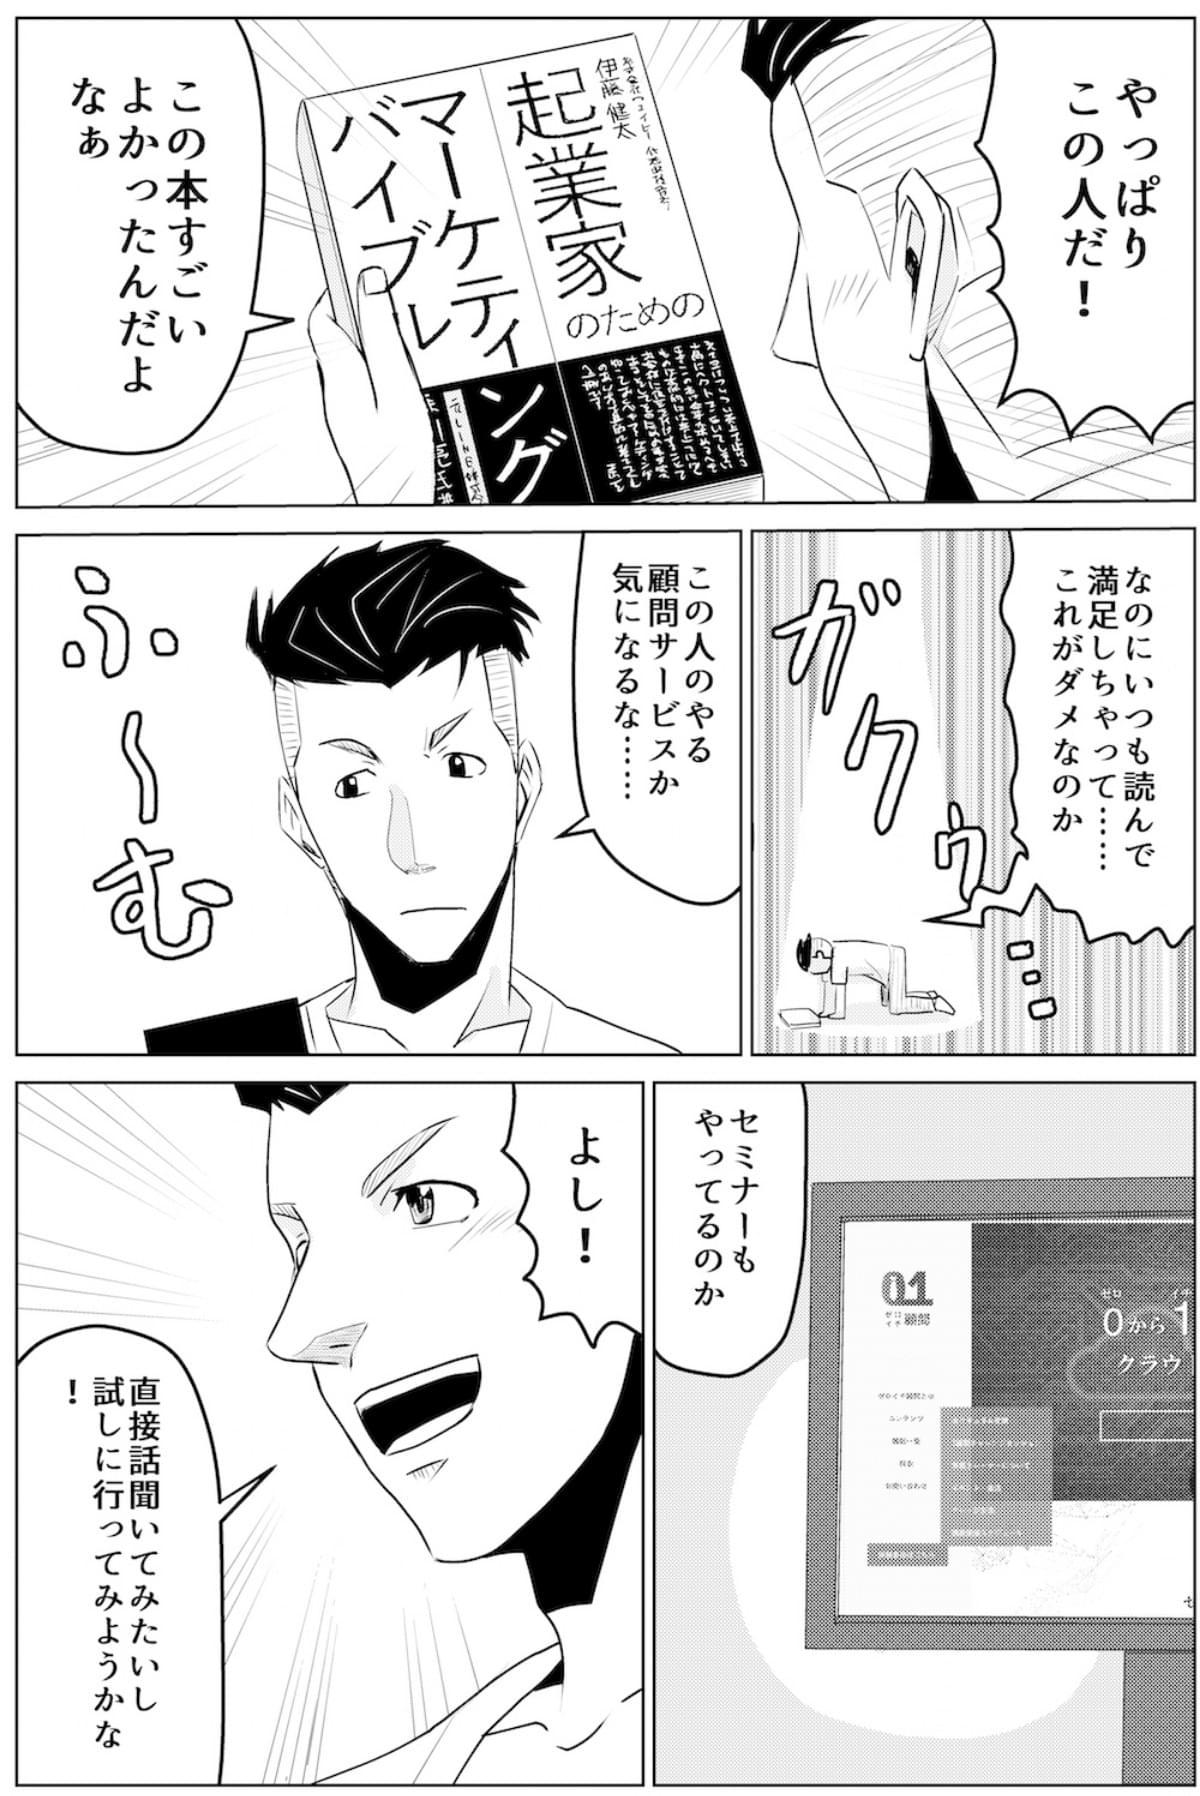 チャレンジャーズ漫画_003(1)